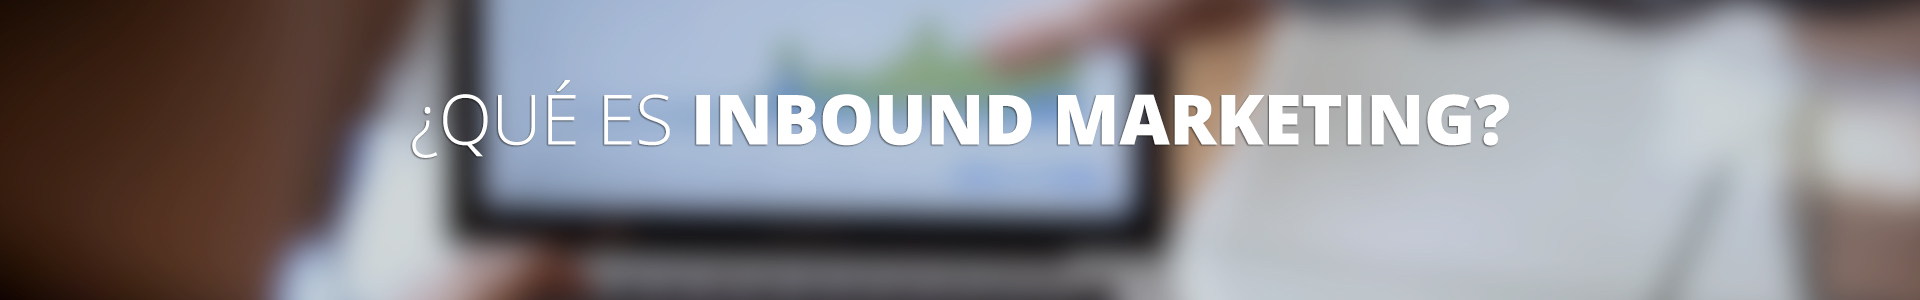 Que es inbound marketing - leadsrocket